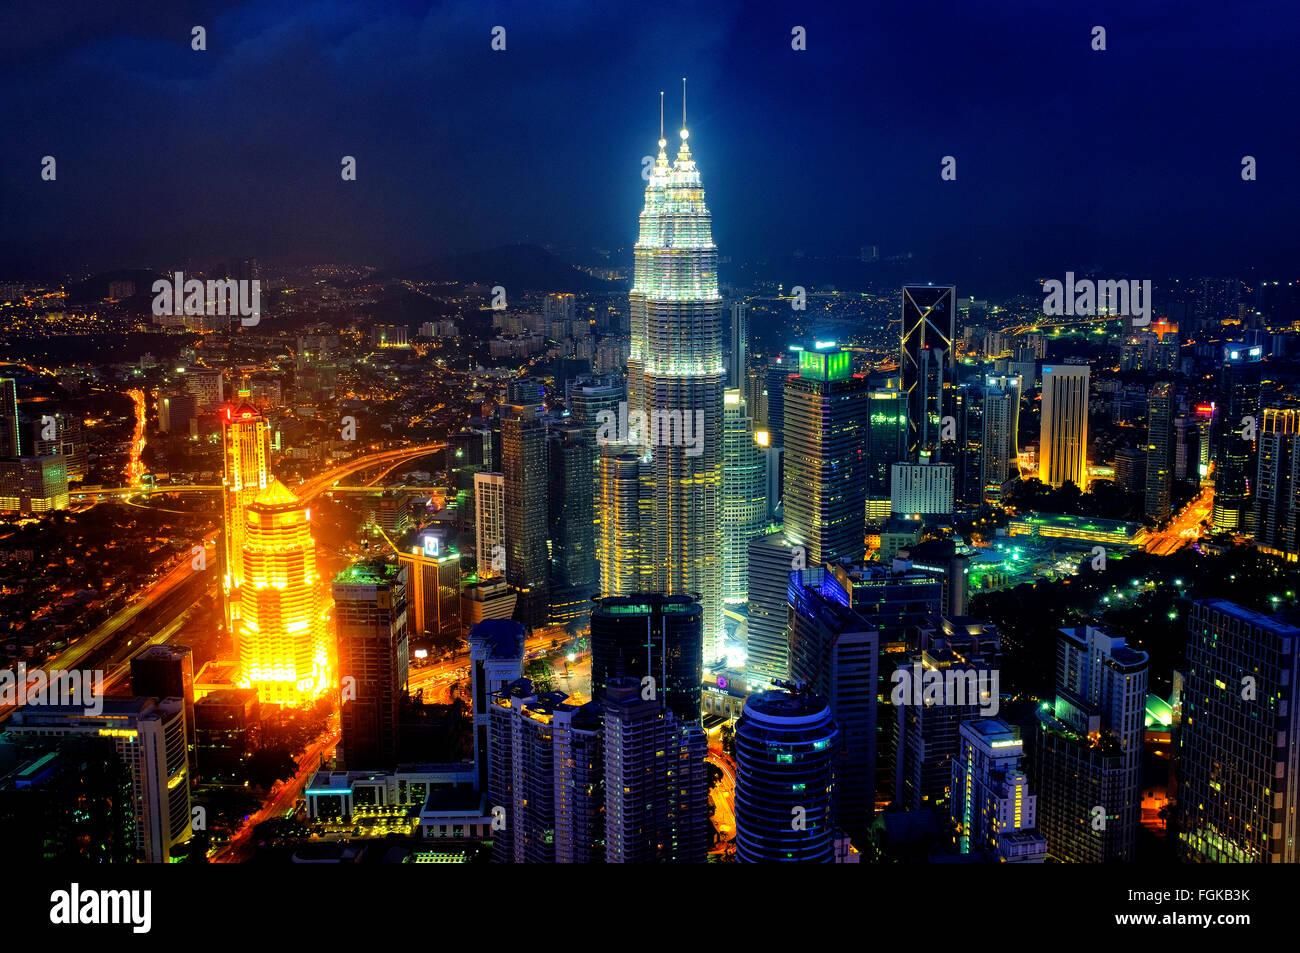 Skyline di Kuala Lumpur in Malesia Immagini Stock